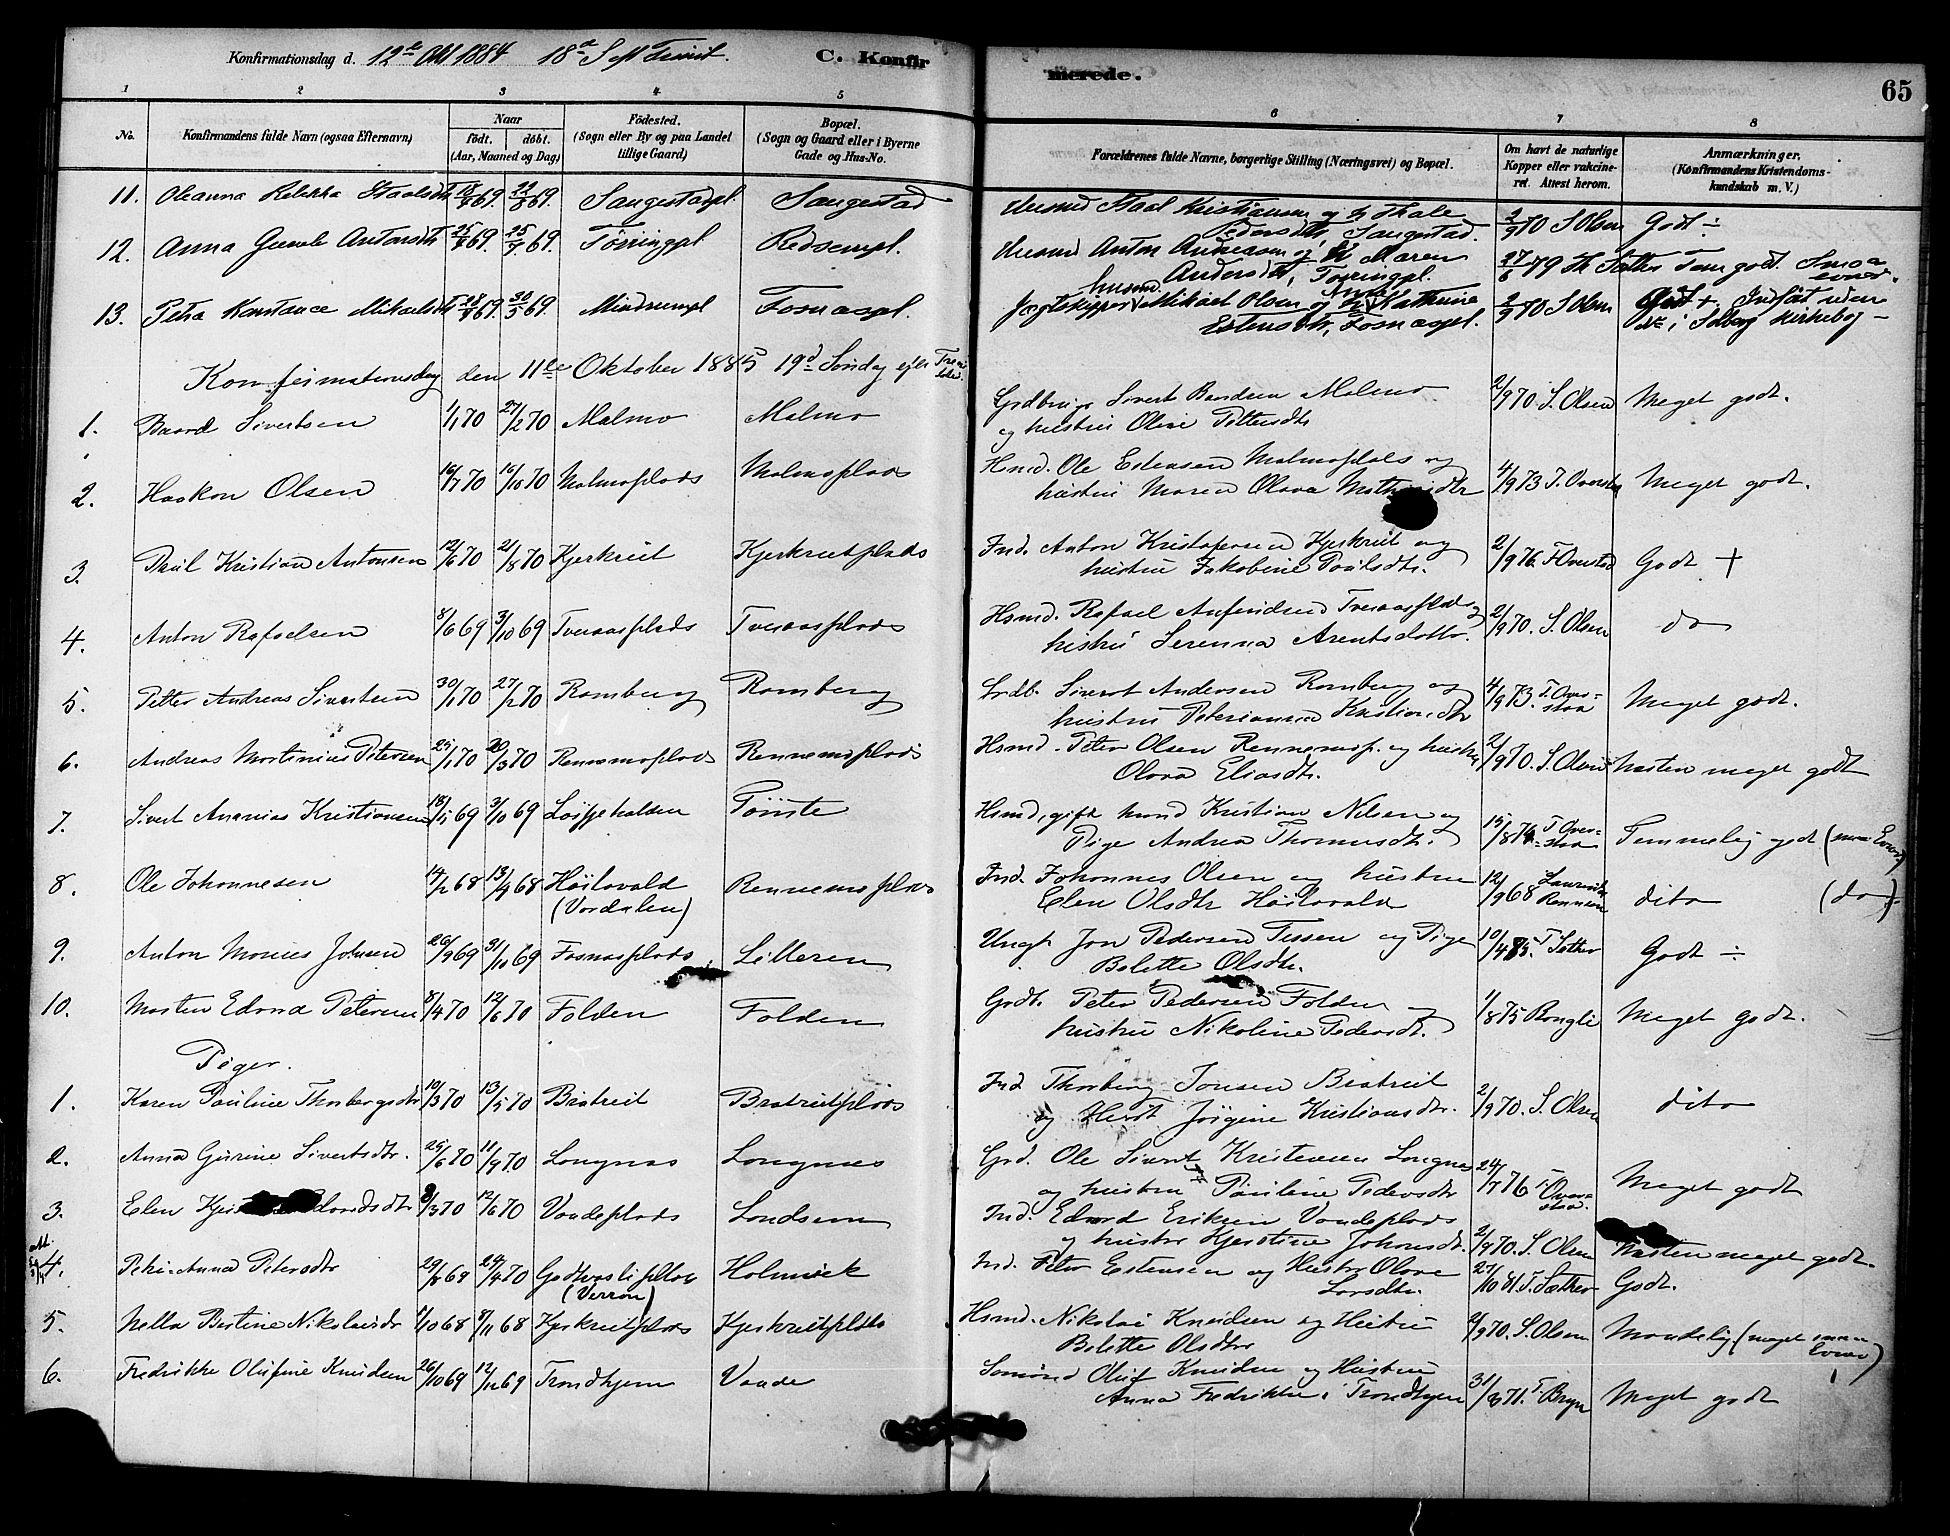 SAT, Ministerialprotokoller, klokkerbøker og fødselsregistre - Nord-Trøndelag, 745/L0429: Ministerialbok nr. 745A01, 1878-1894, s. 65